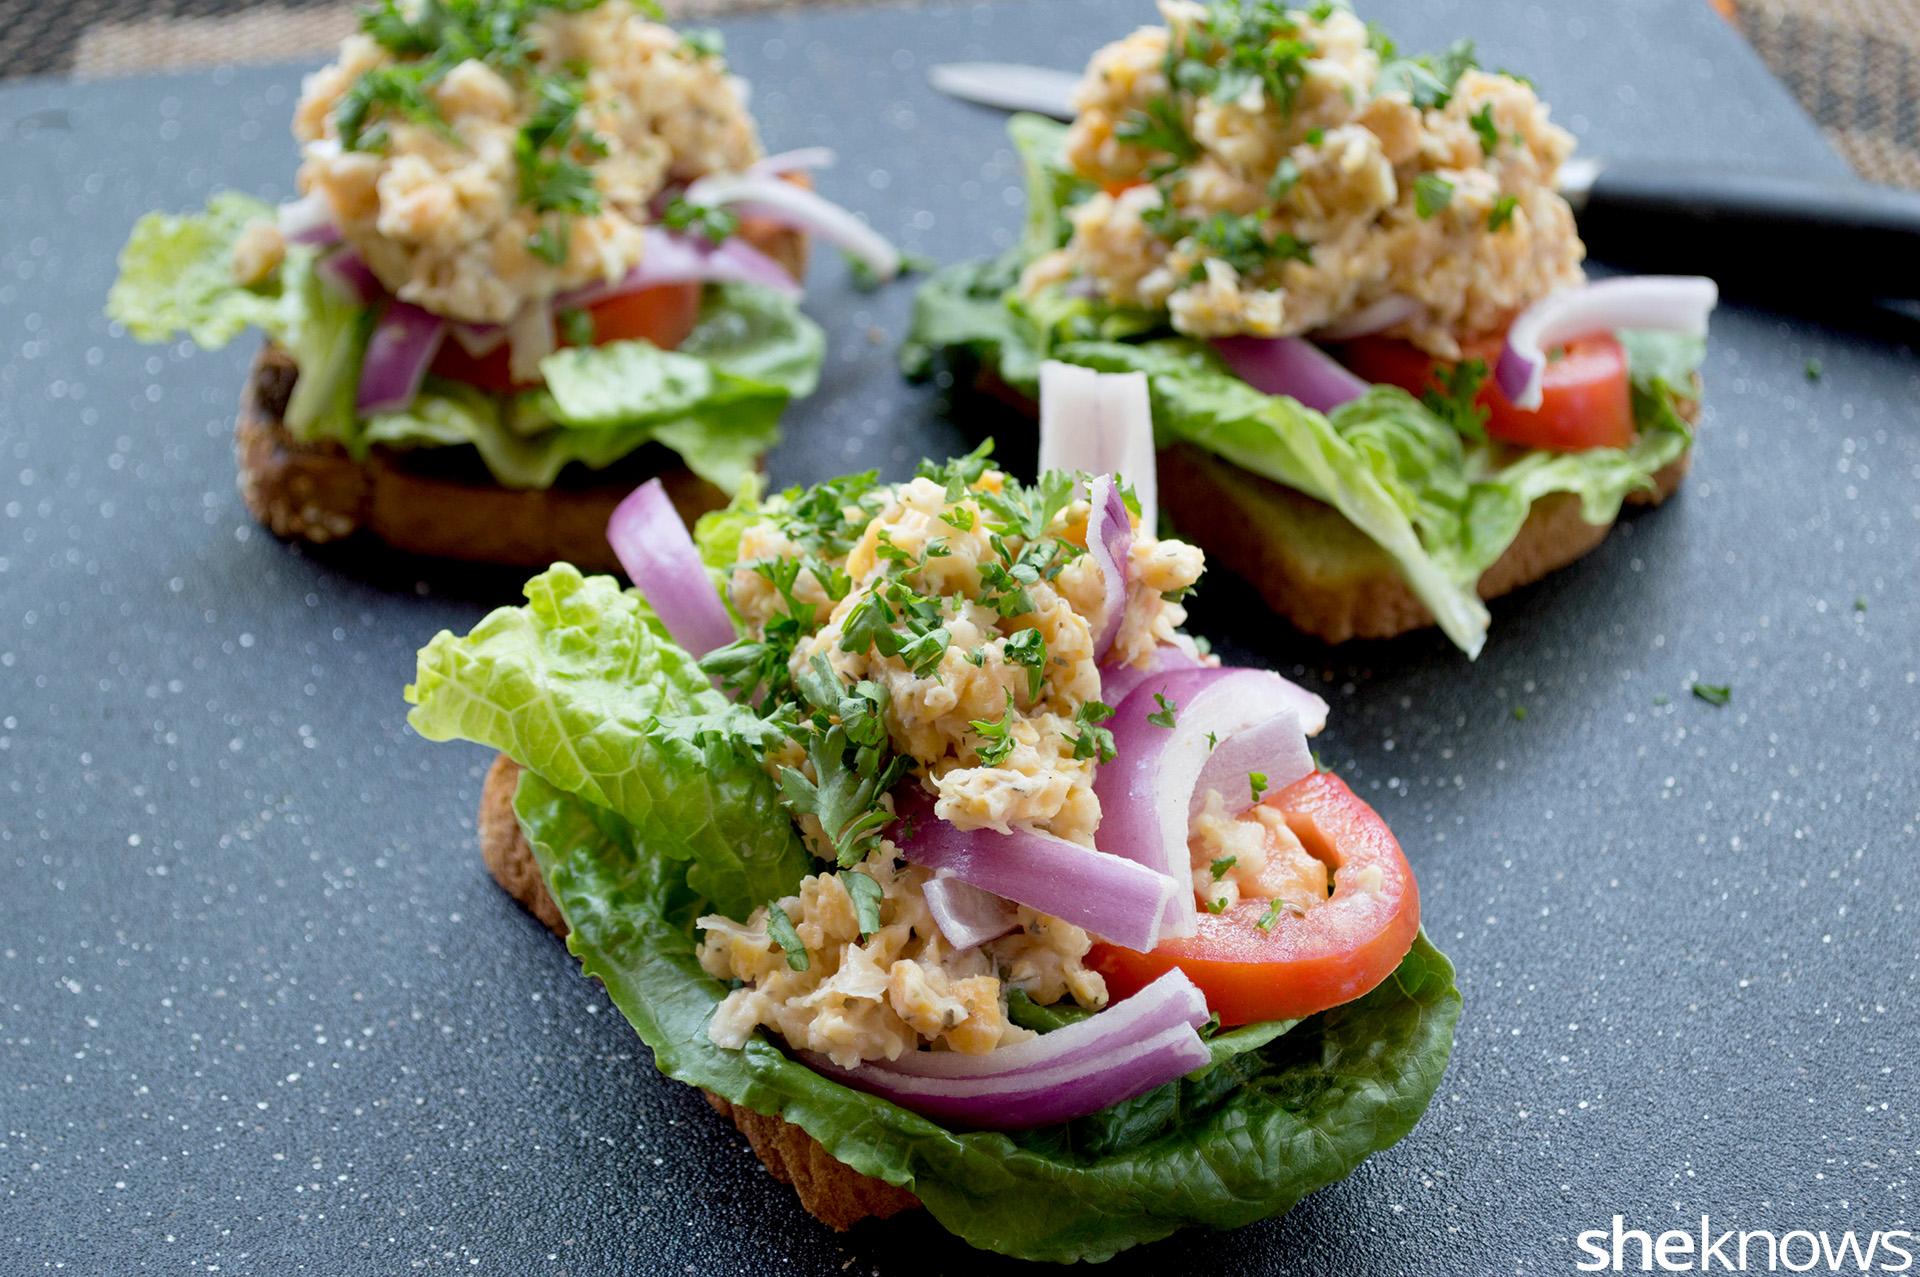 Open-faced garbanzo bean salad sandwich recipe